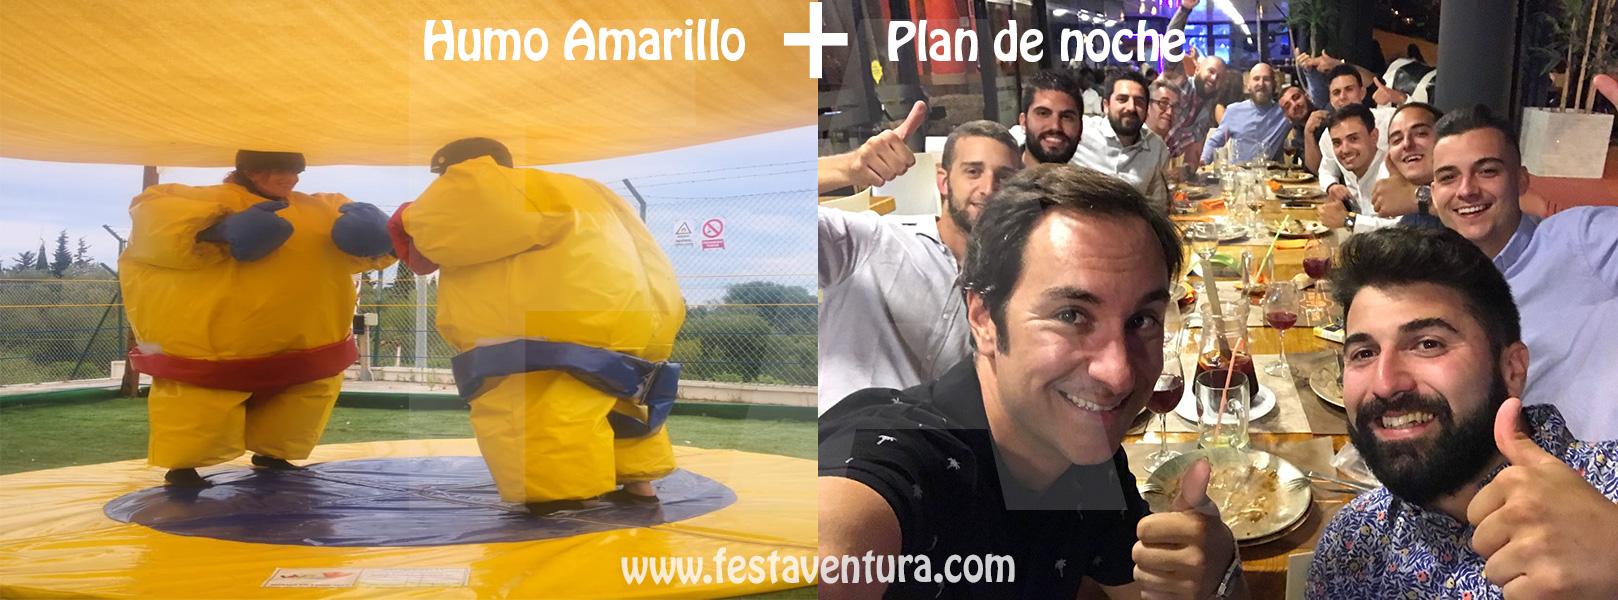 Humor Amarillo y plan de noche en Sitges